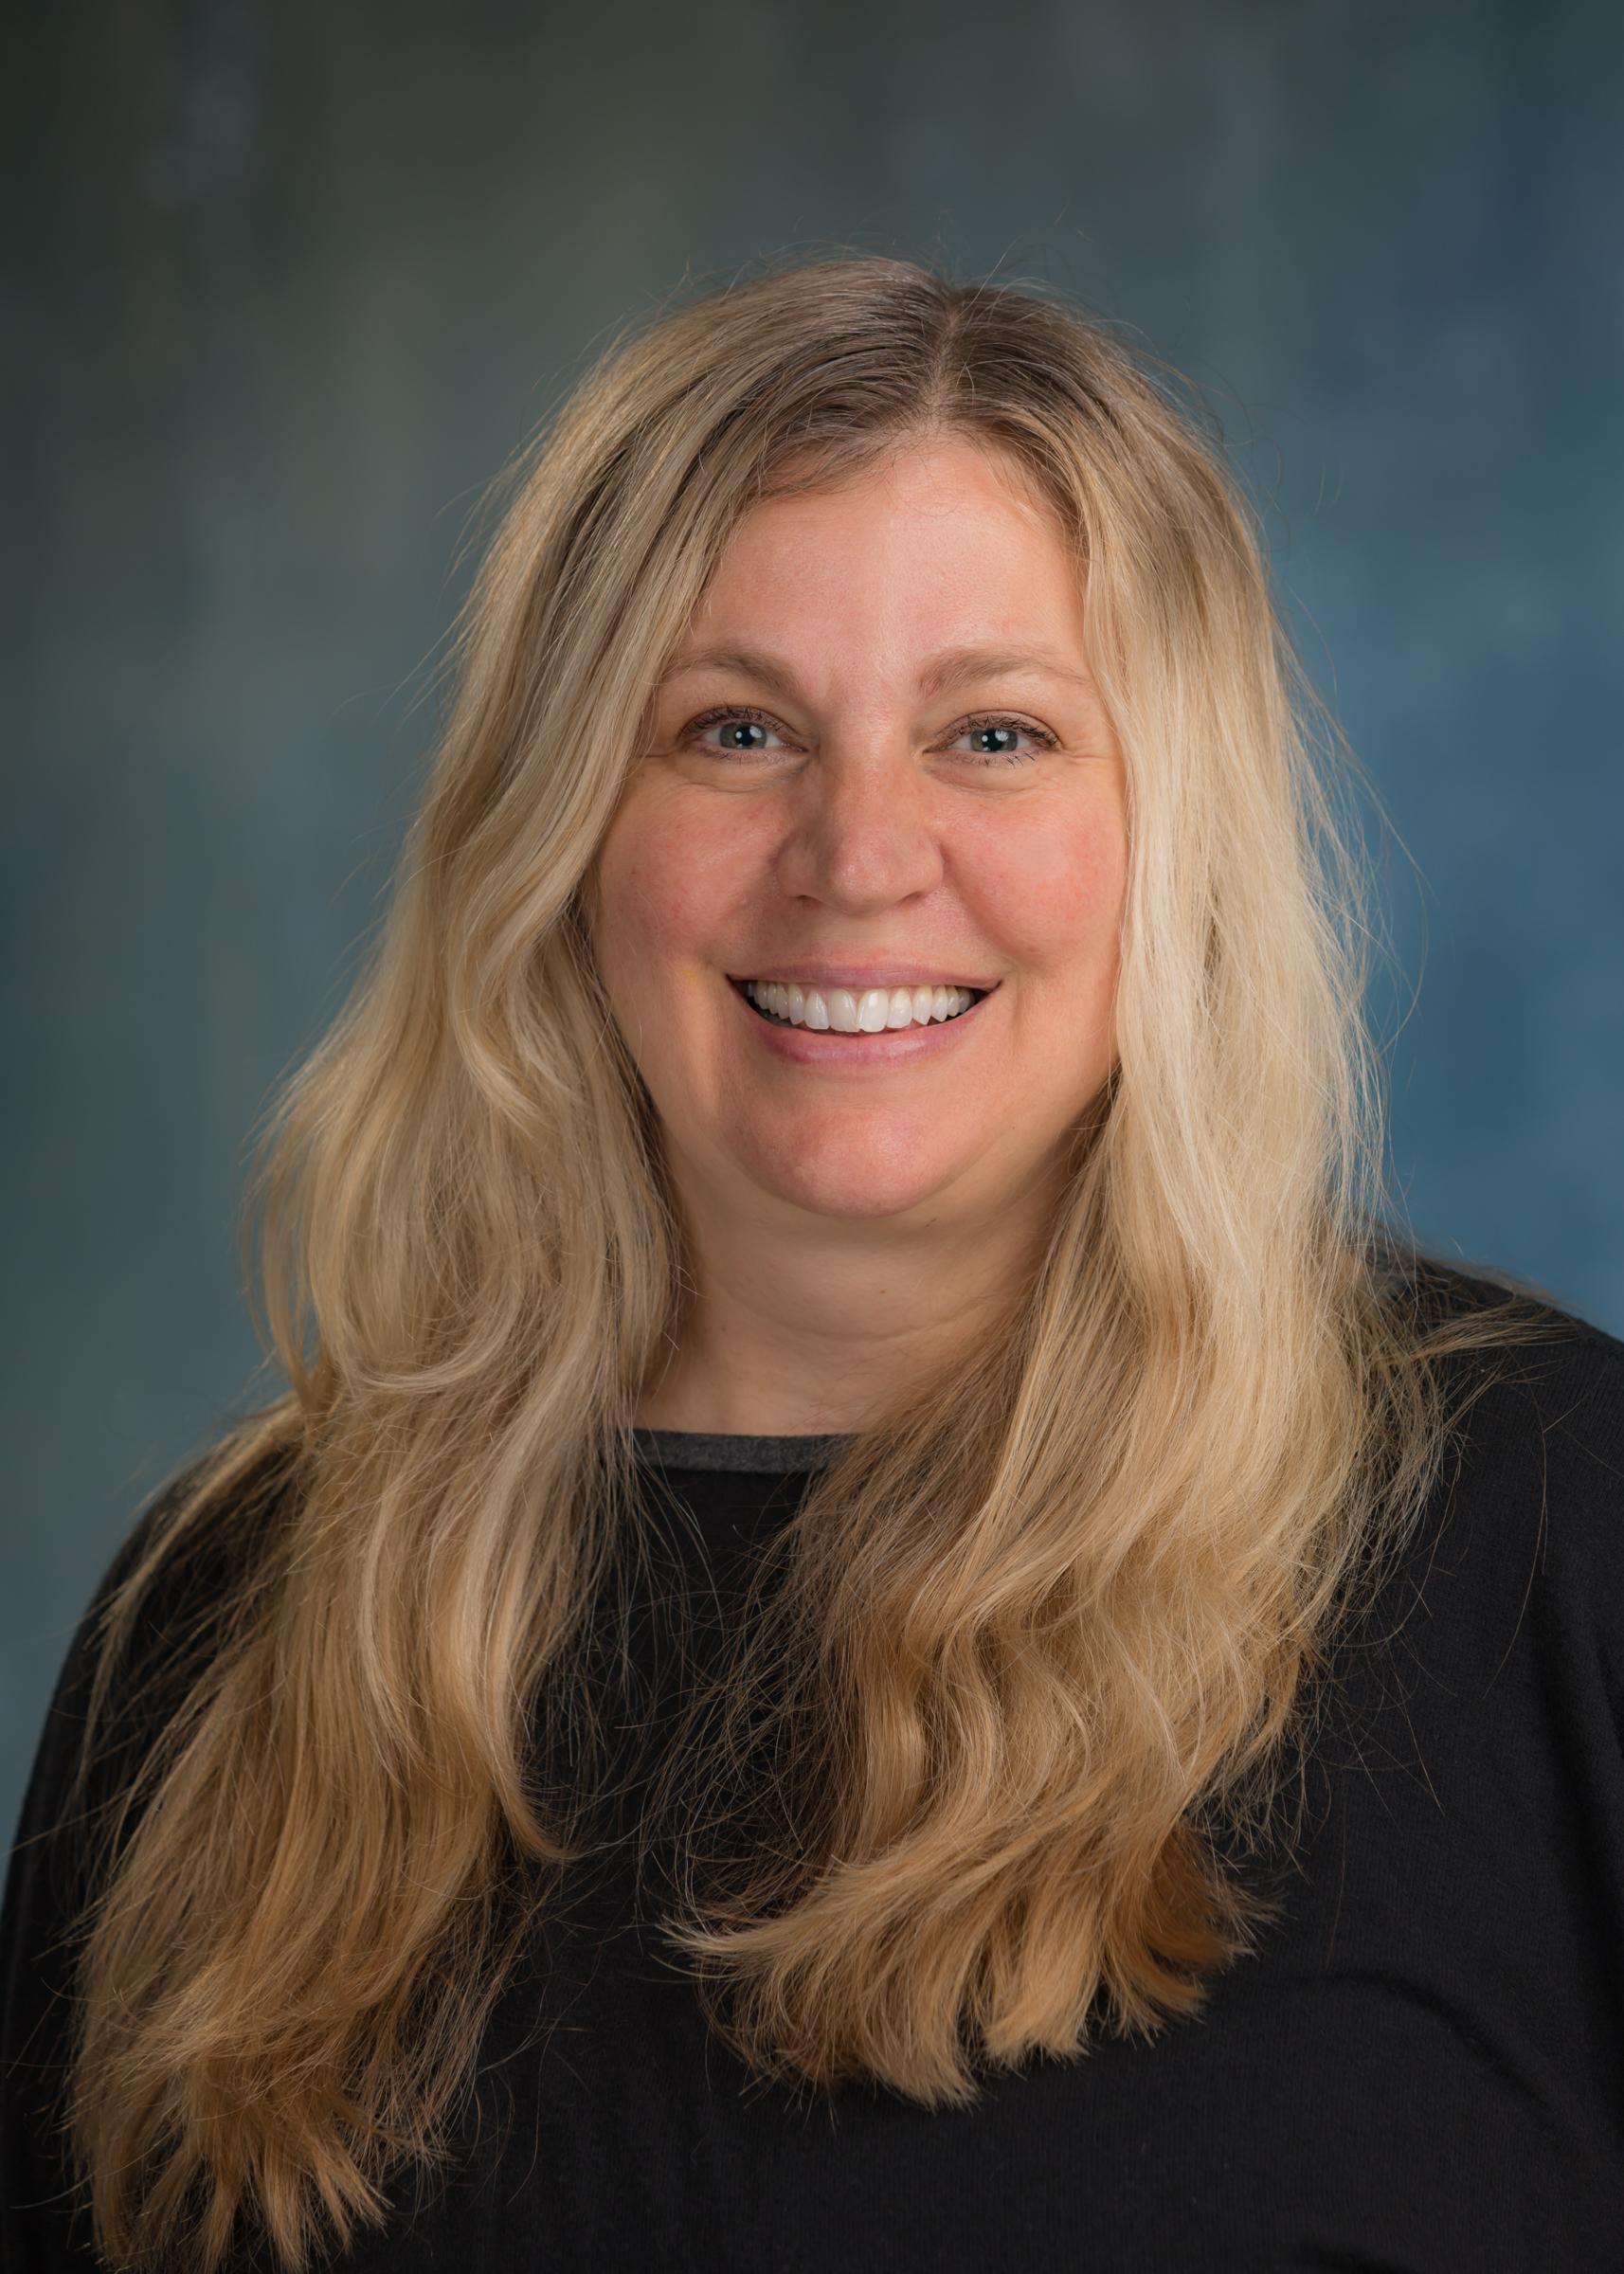 Kim e. Holt - Designer & Business Owner